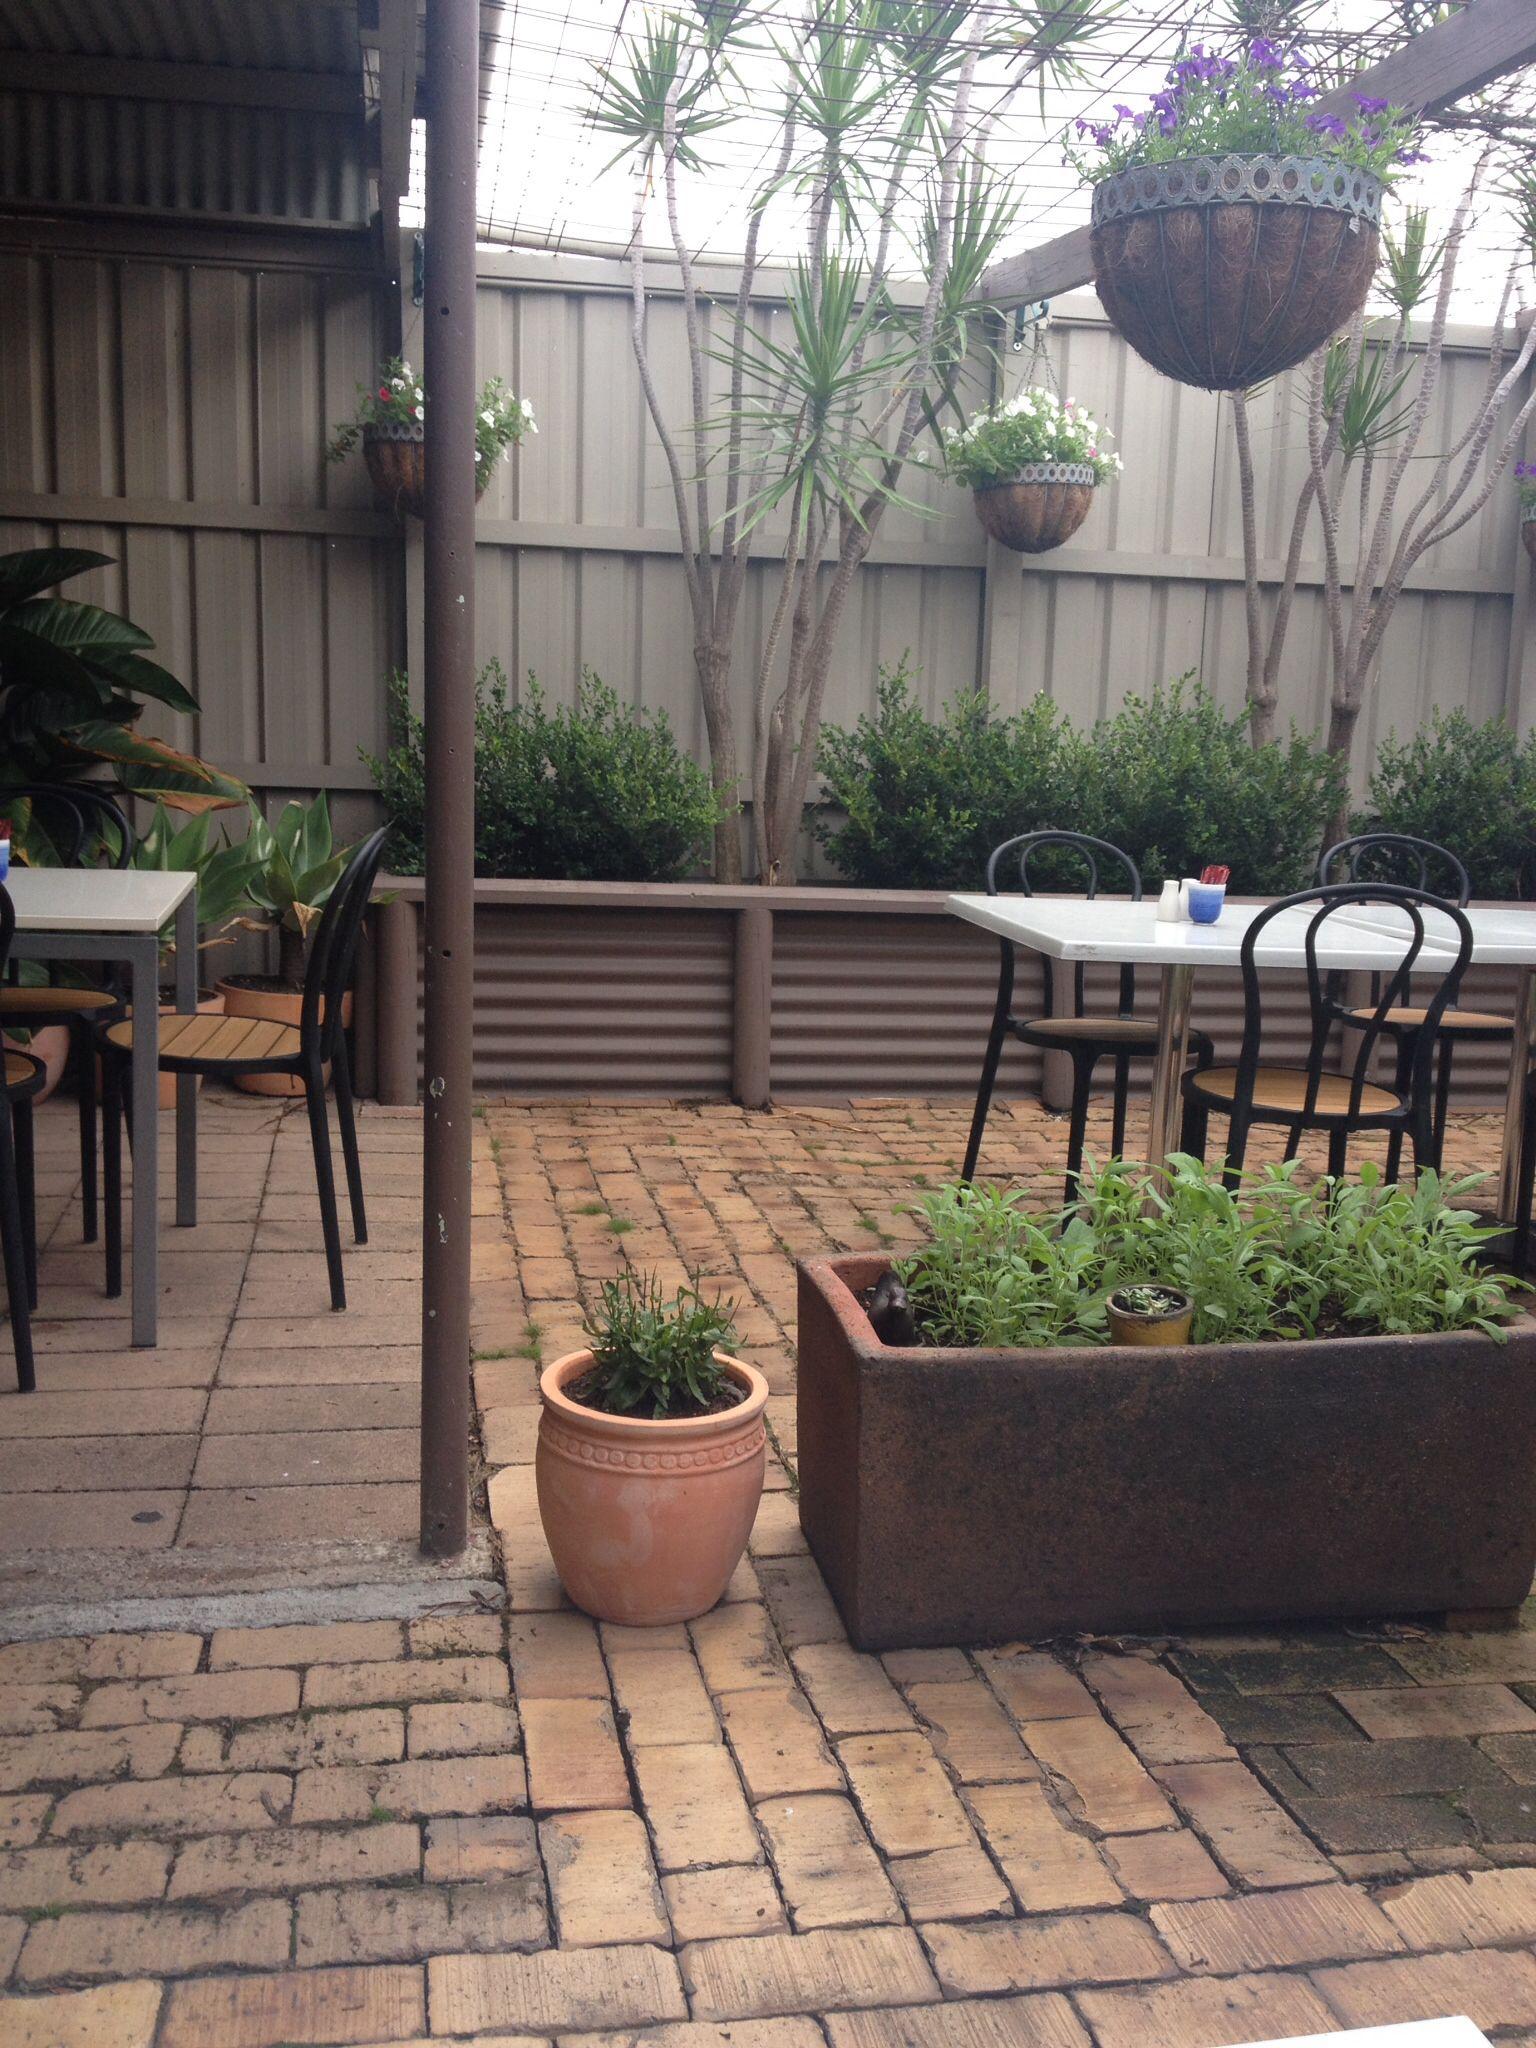 Retaining wall garden ideas pinterest for Garden wall idea